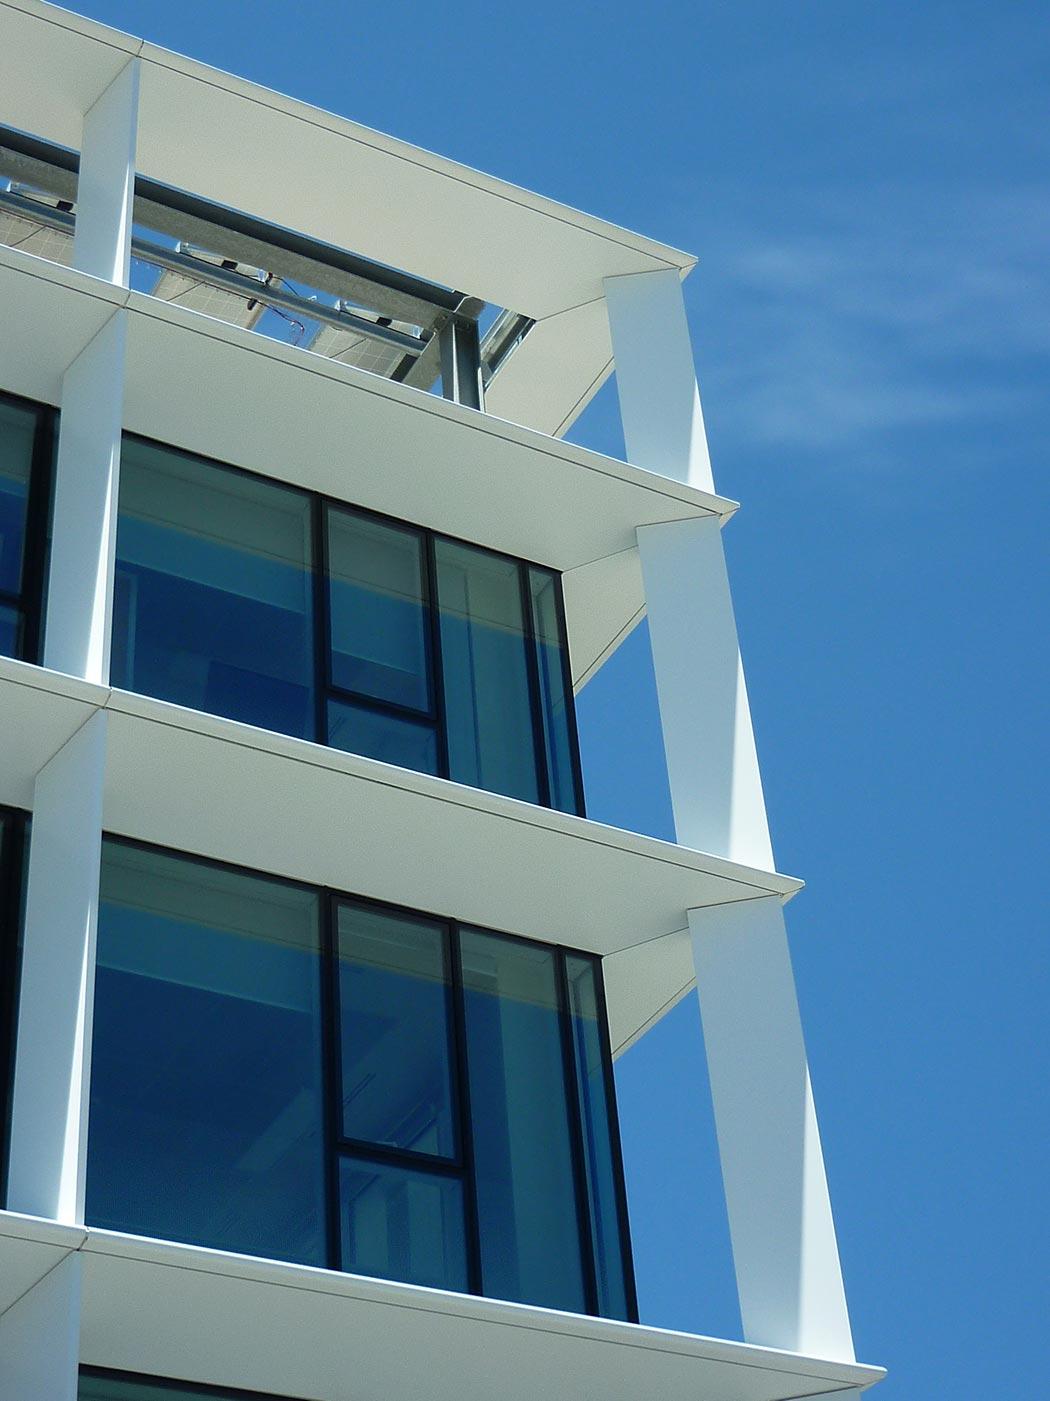 Edificio-Nuova-Sede-Ferragamo-SPA.-Osmannoro-Italy.-larcore-A2--1_1592300710.jpg